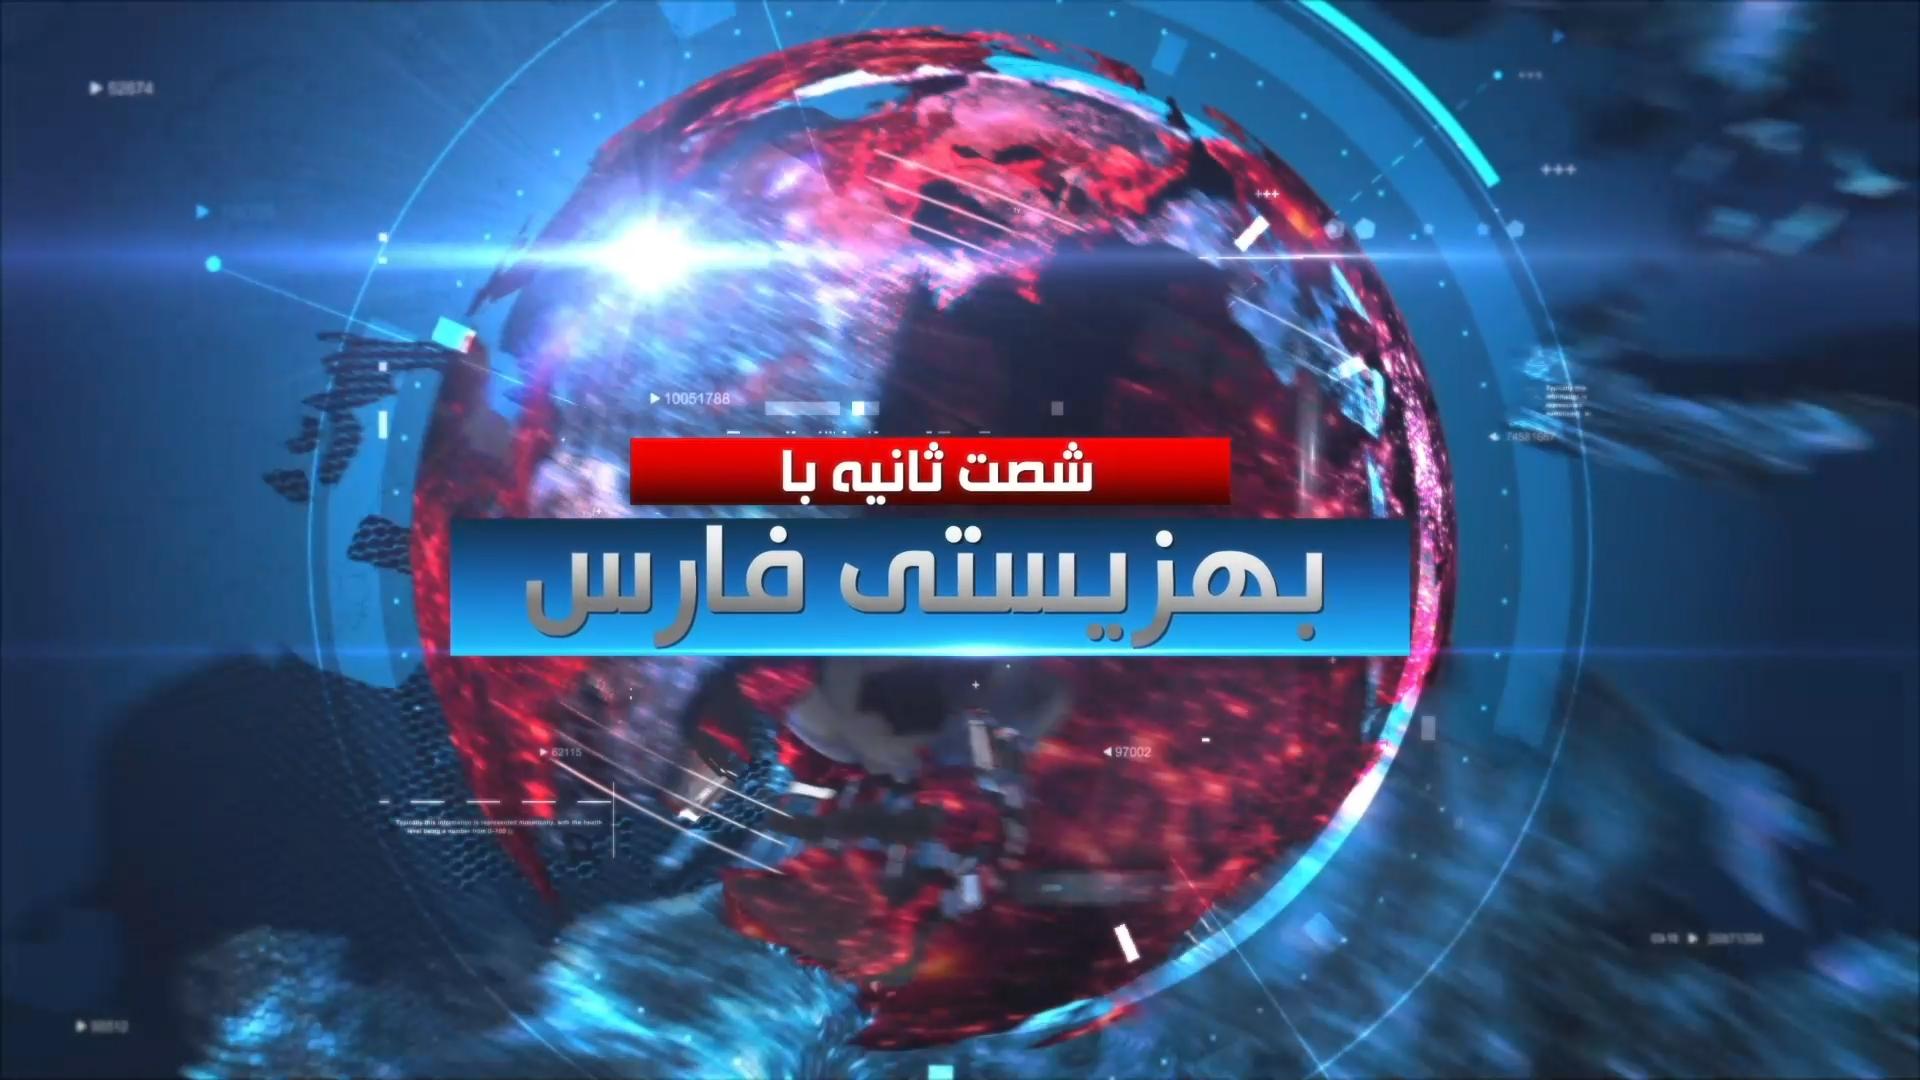 اخبار شصت ثانیه بهزیستی فارس / قسمت 19